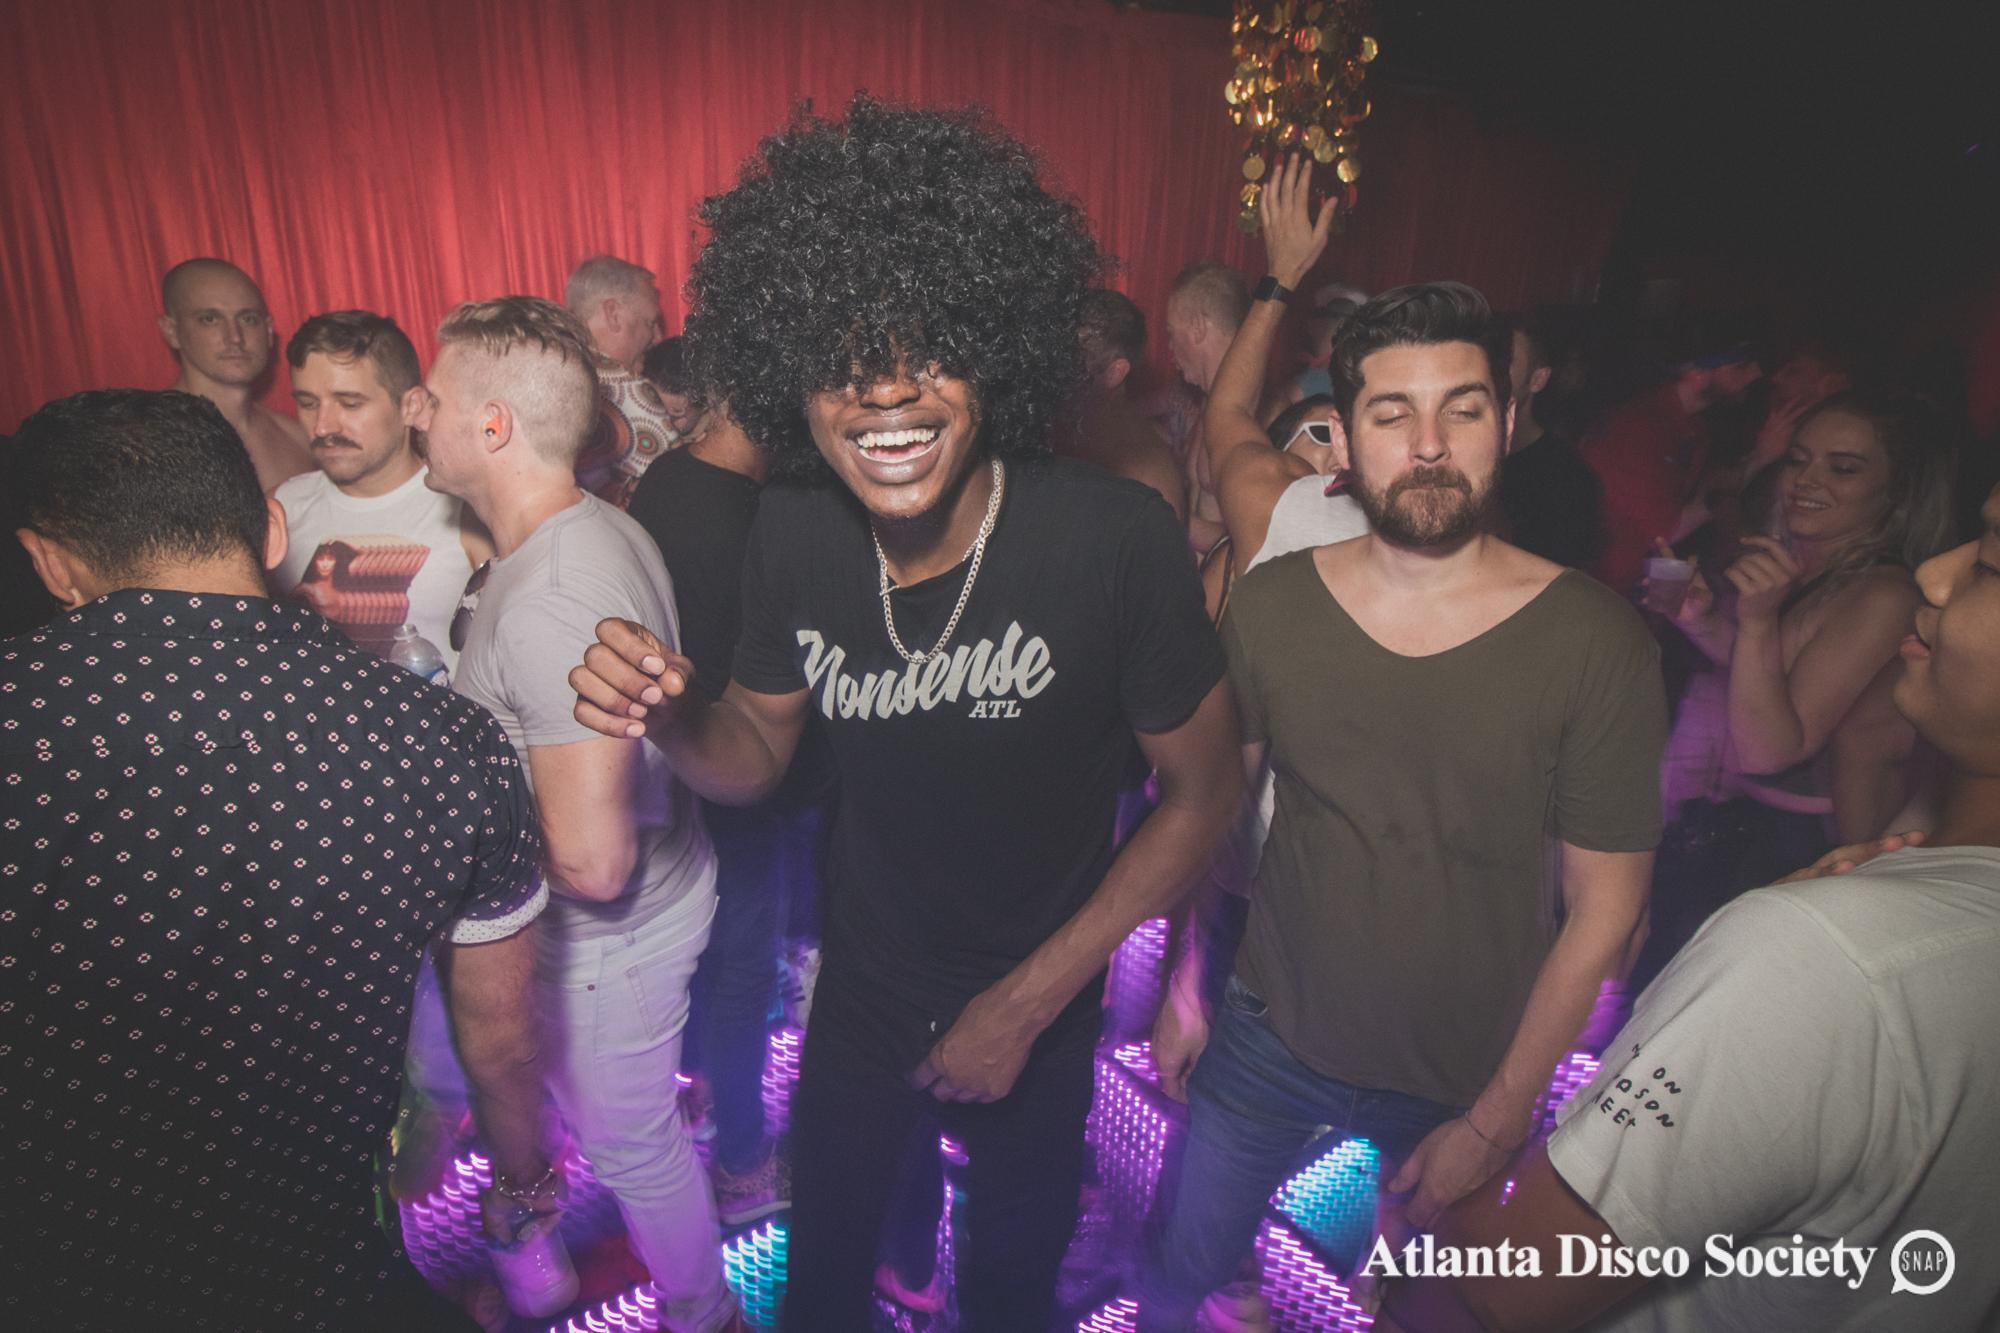 96Atlanta Disco Society Grace Kelly Oh Snap Kid 7.27.19.jpg